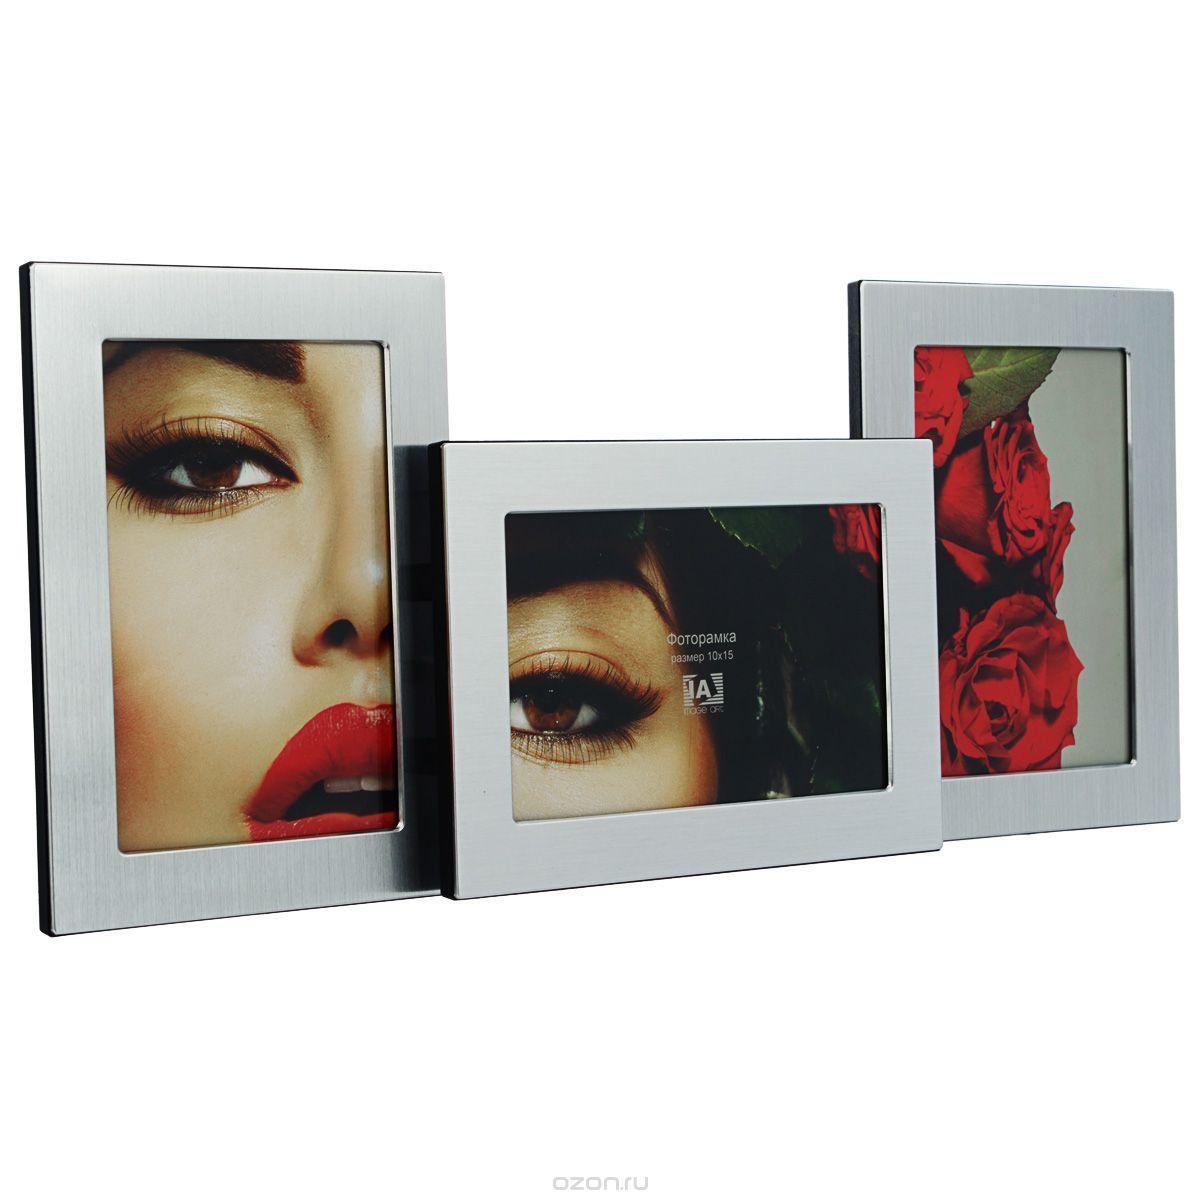 Фоторамка Image Art, цвет: серебристый, на 3 фото, 10 см х 15 см. 6017/4-3SPlatinum JW25-5 АНЦИО-КОРИЧНЕВЫЙ 15x21Фоторамка-коллаж Image Art - прекрасный способ красиво оформить вашифотографии. Изделие рассчитано на 3 фотографии. Фоторамка выполнена из алюминия и пластика и защищена стеклом. Фоторамкуможно поставить на стол или подвесить на стену, для чего с задней стороны предусмотреныспециальные отверстия. Такая фоторамка поможет сохранить на память самые яркие моменты вашейжизни, а стильный дизайн сделает ее прекрасным дополнением интерьера.